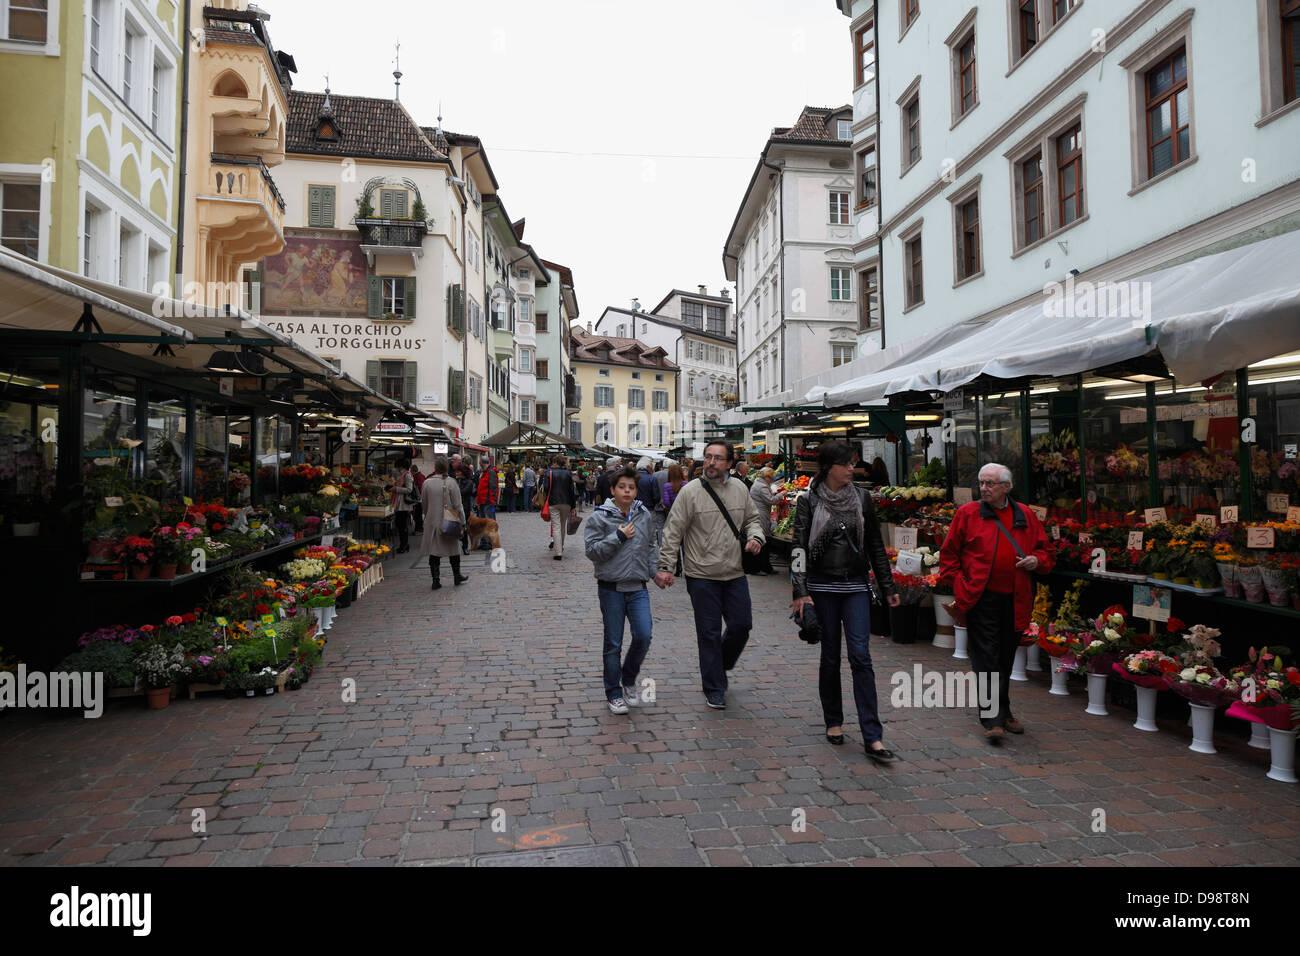 The street market in Bolzano,Italy - Stock Image